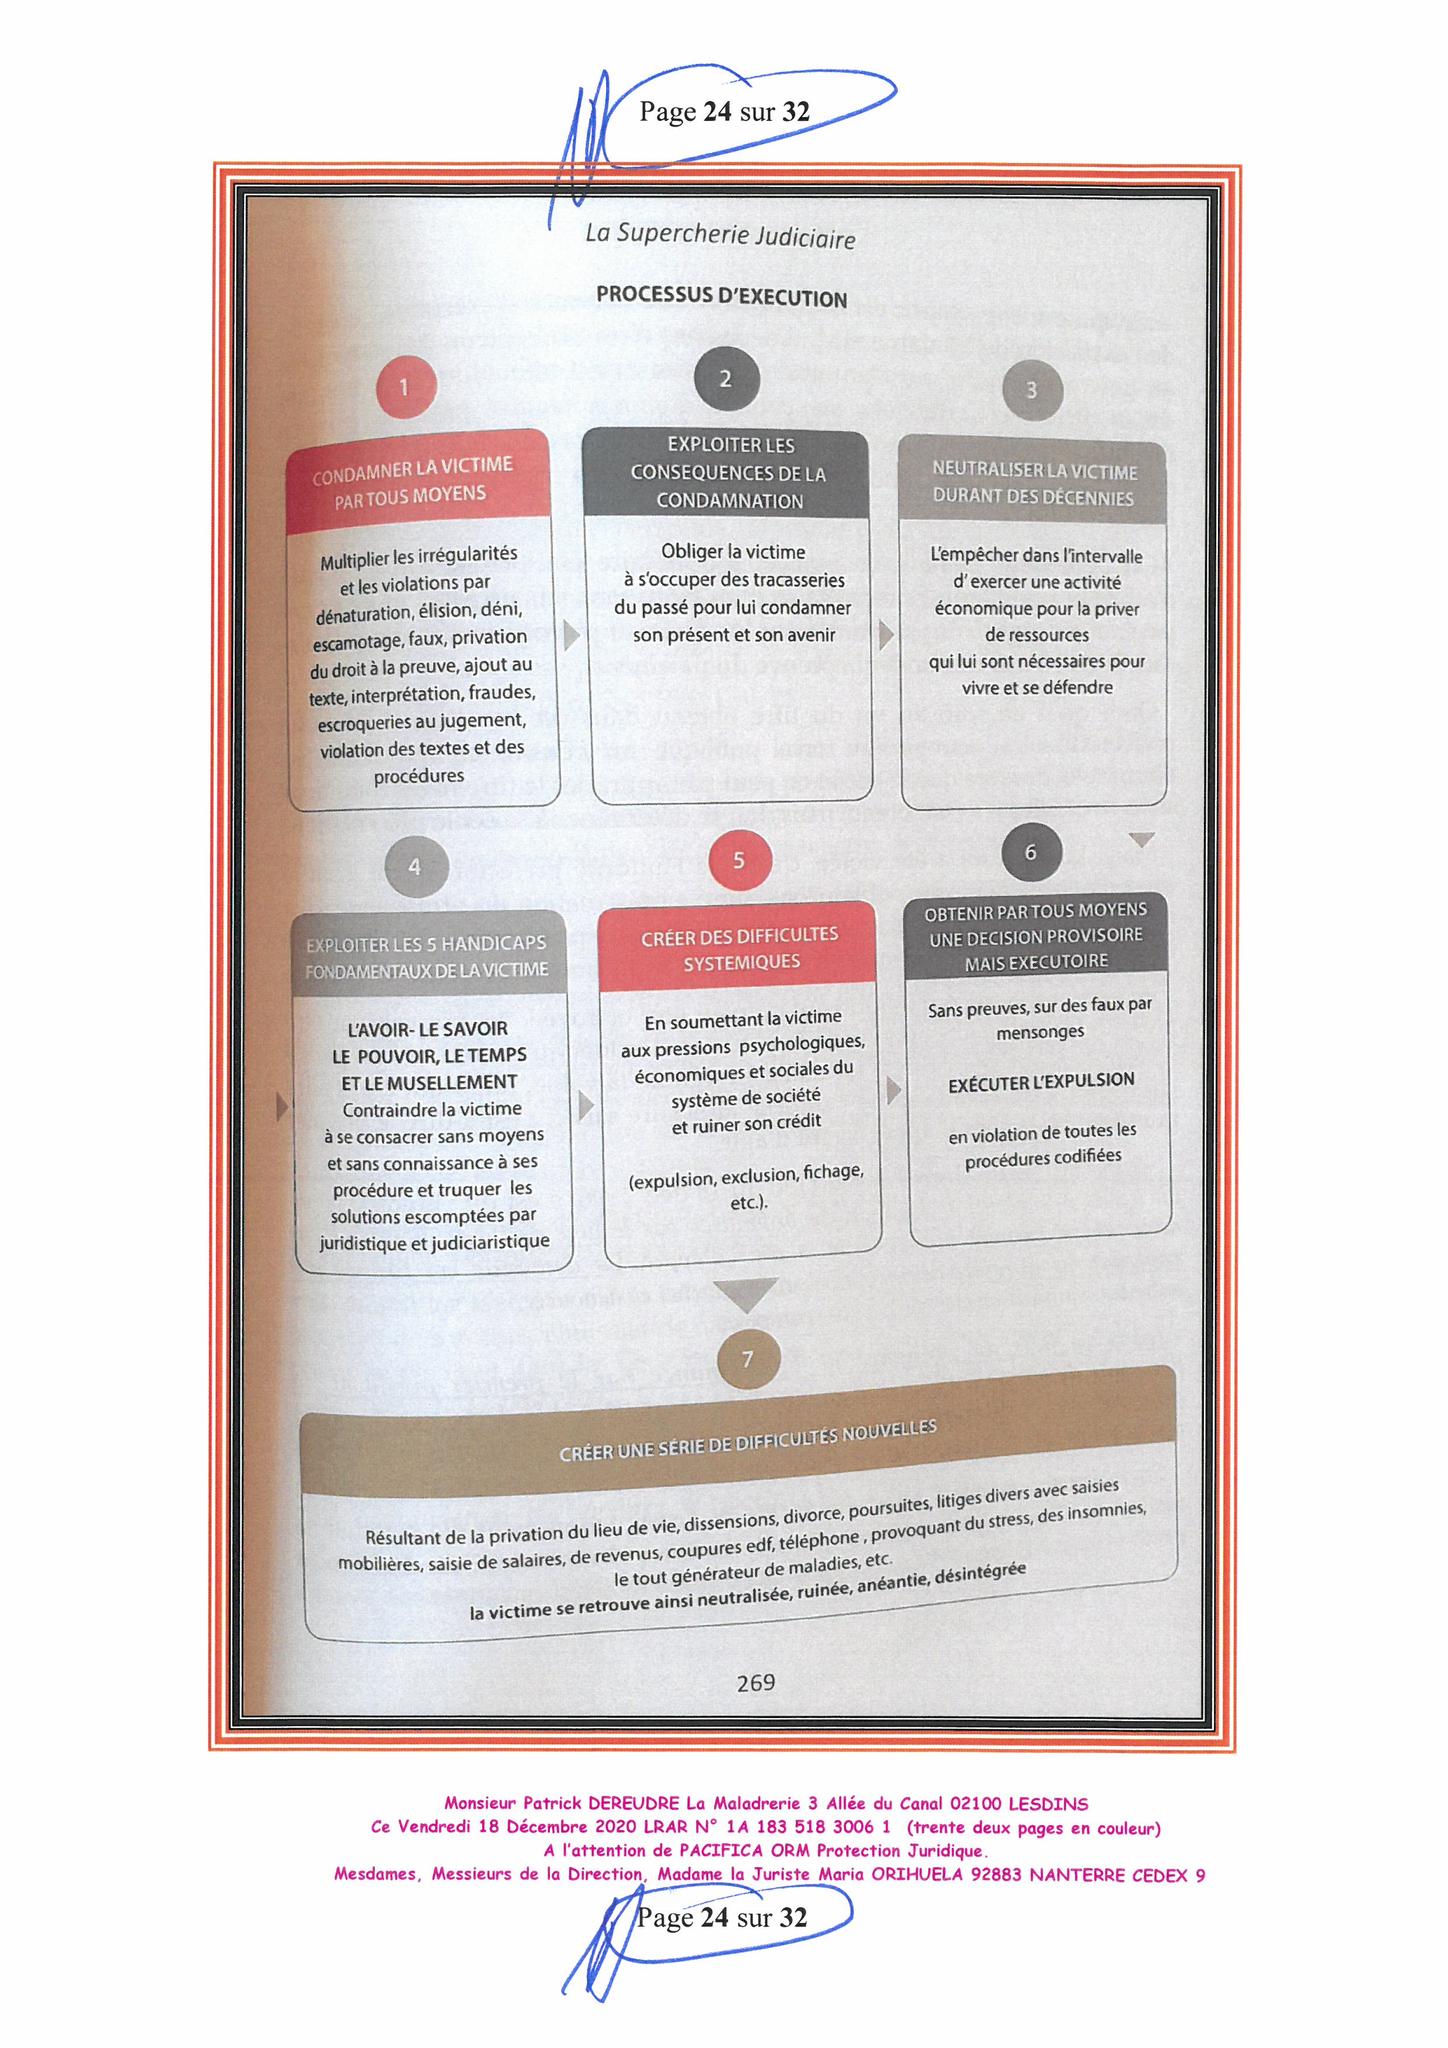 Ma lettre Recommandée du 18 Décembre 2020 de Trente deux pages en couleurs adressée à ma Protection Juridique PACIFICA du Crédit Agricole REFUS DE PRISE EN CHARGE D'un Dossier pour des Violences en Bande Organisée avec Souffrances www.jesuispatrick.fr